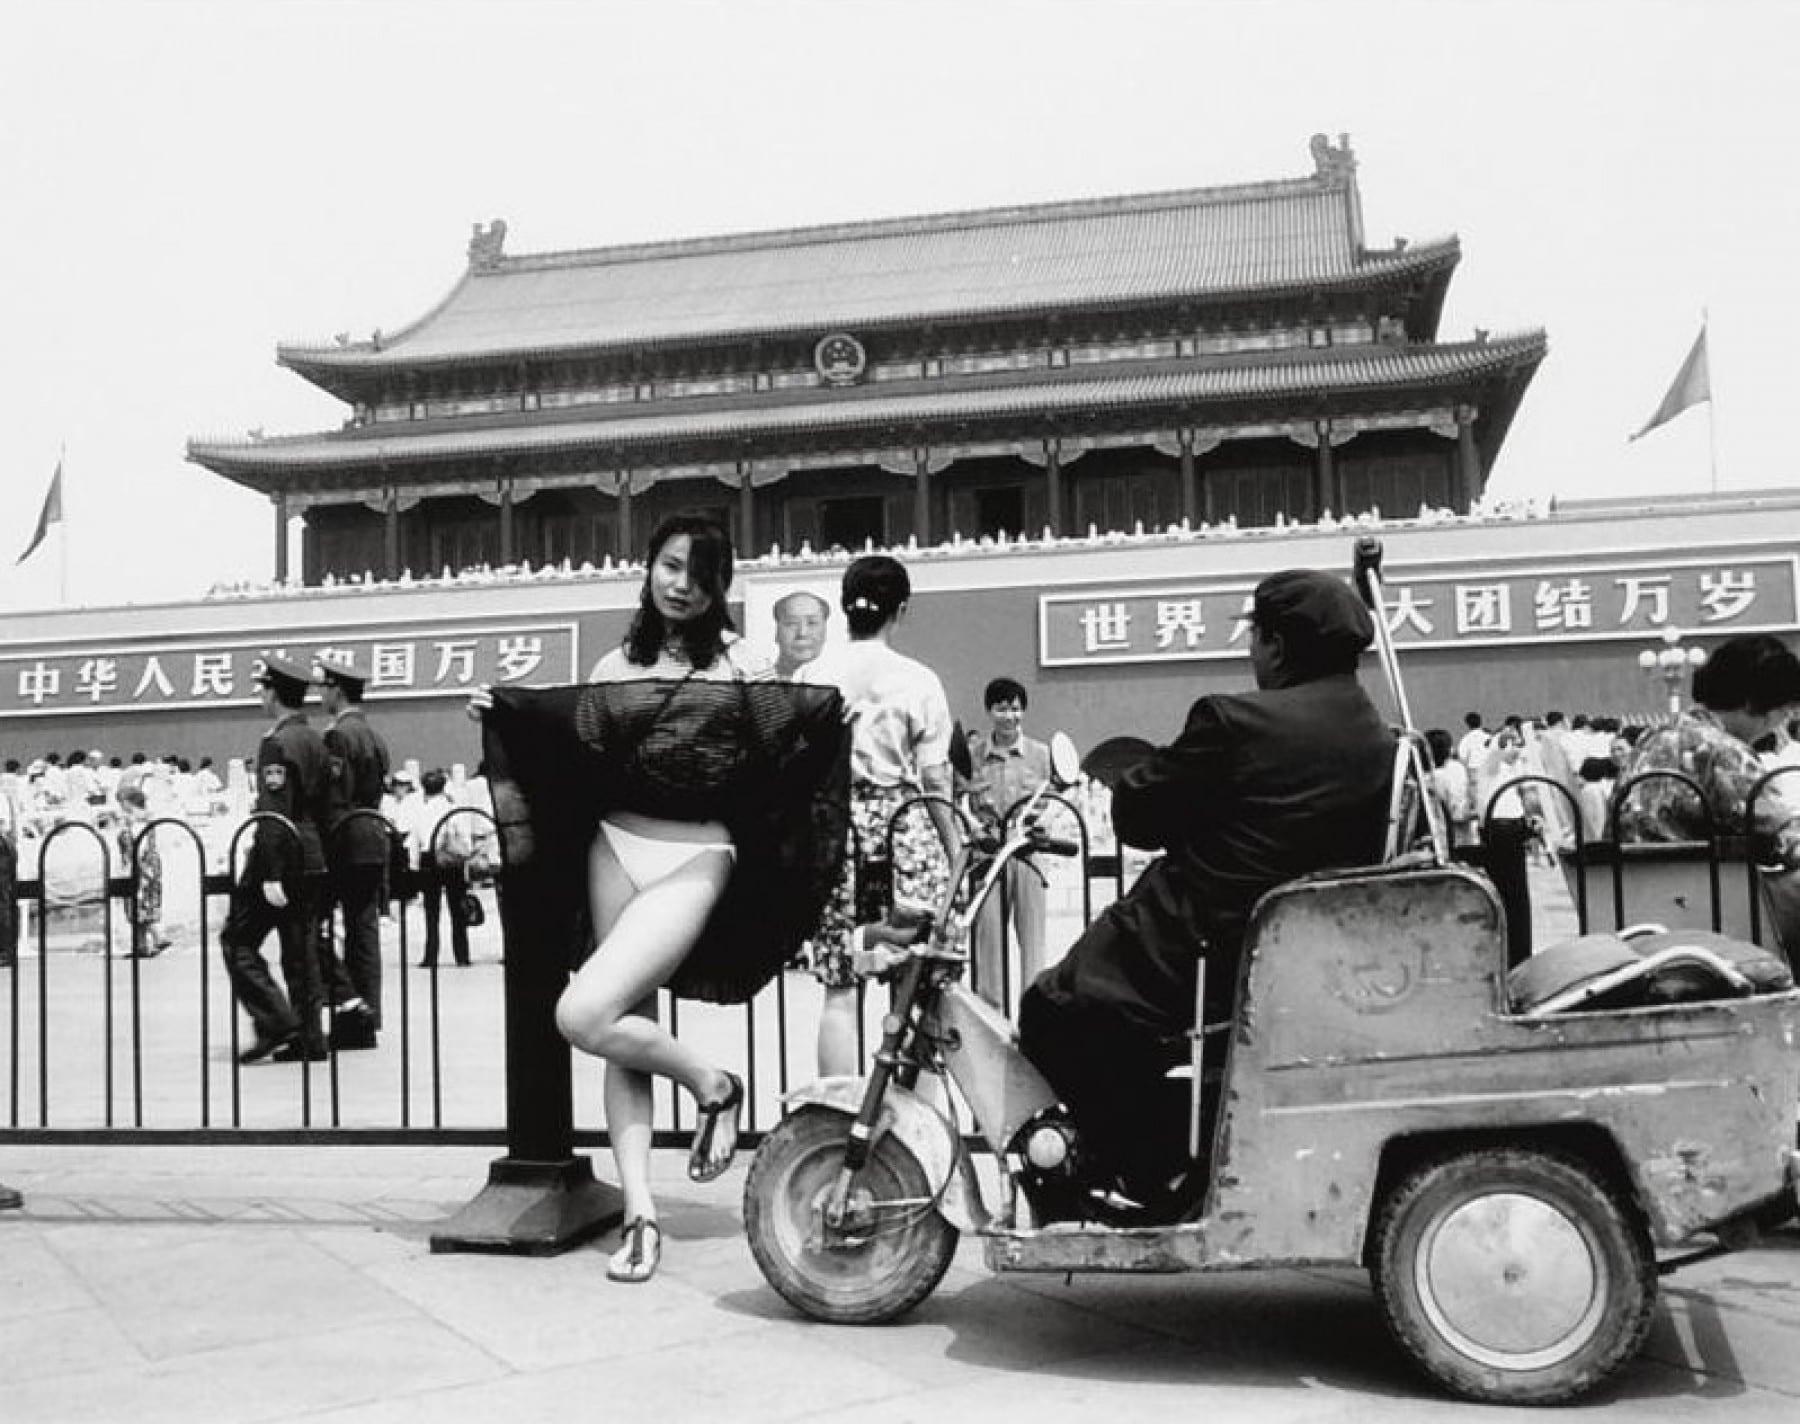 Lu Qing à la place Tiananmen, Pékin, 1994 Photographie de Chine noir et blanc